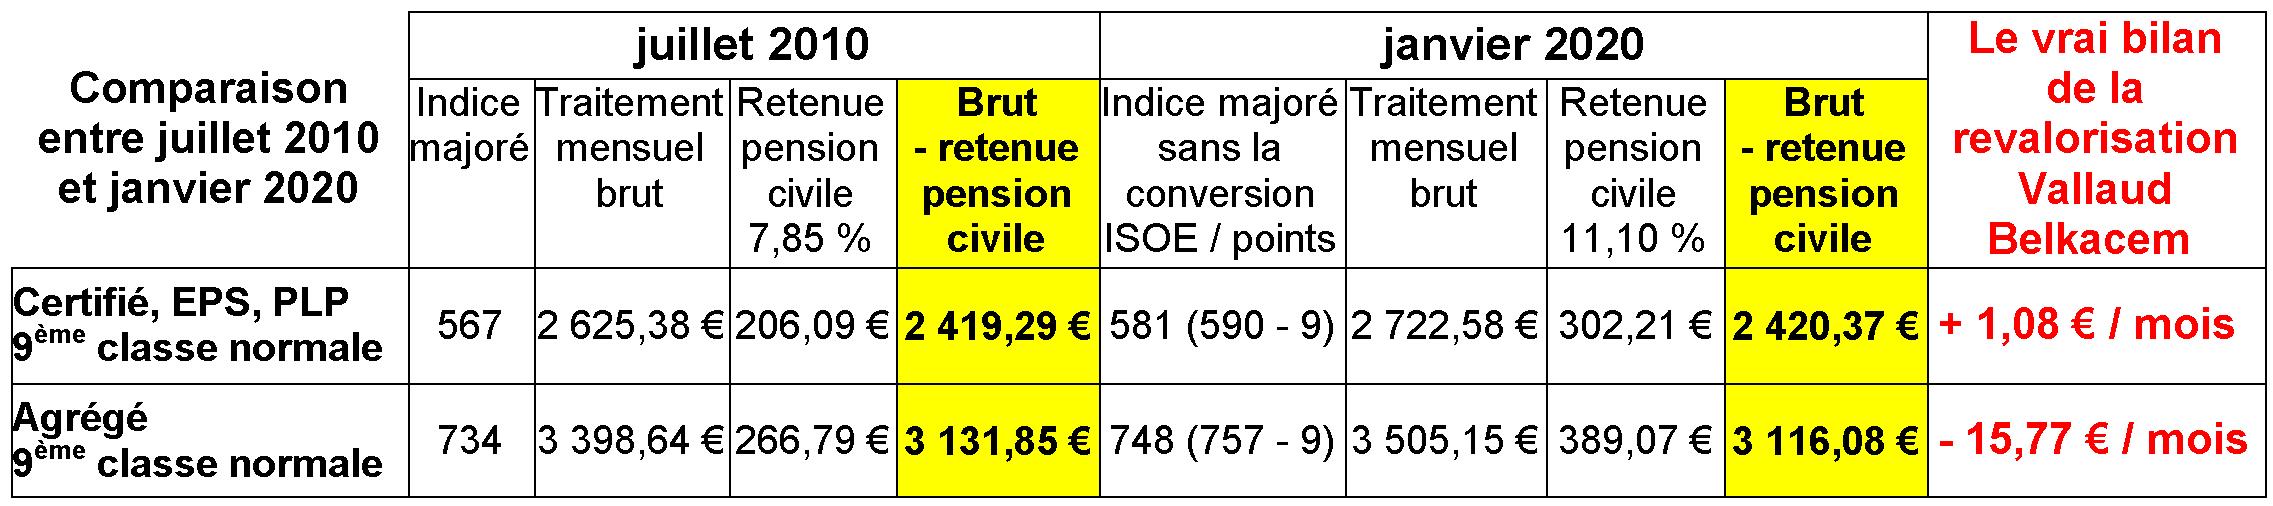 Ppcr arnaque nouvelles carri res revalorisation najat - Grille salaire enseignant second degre ...